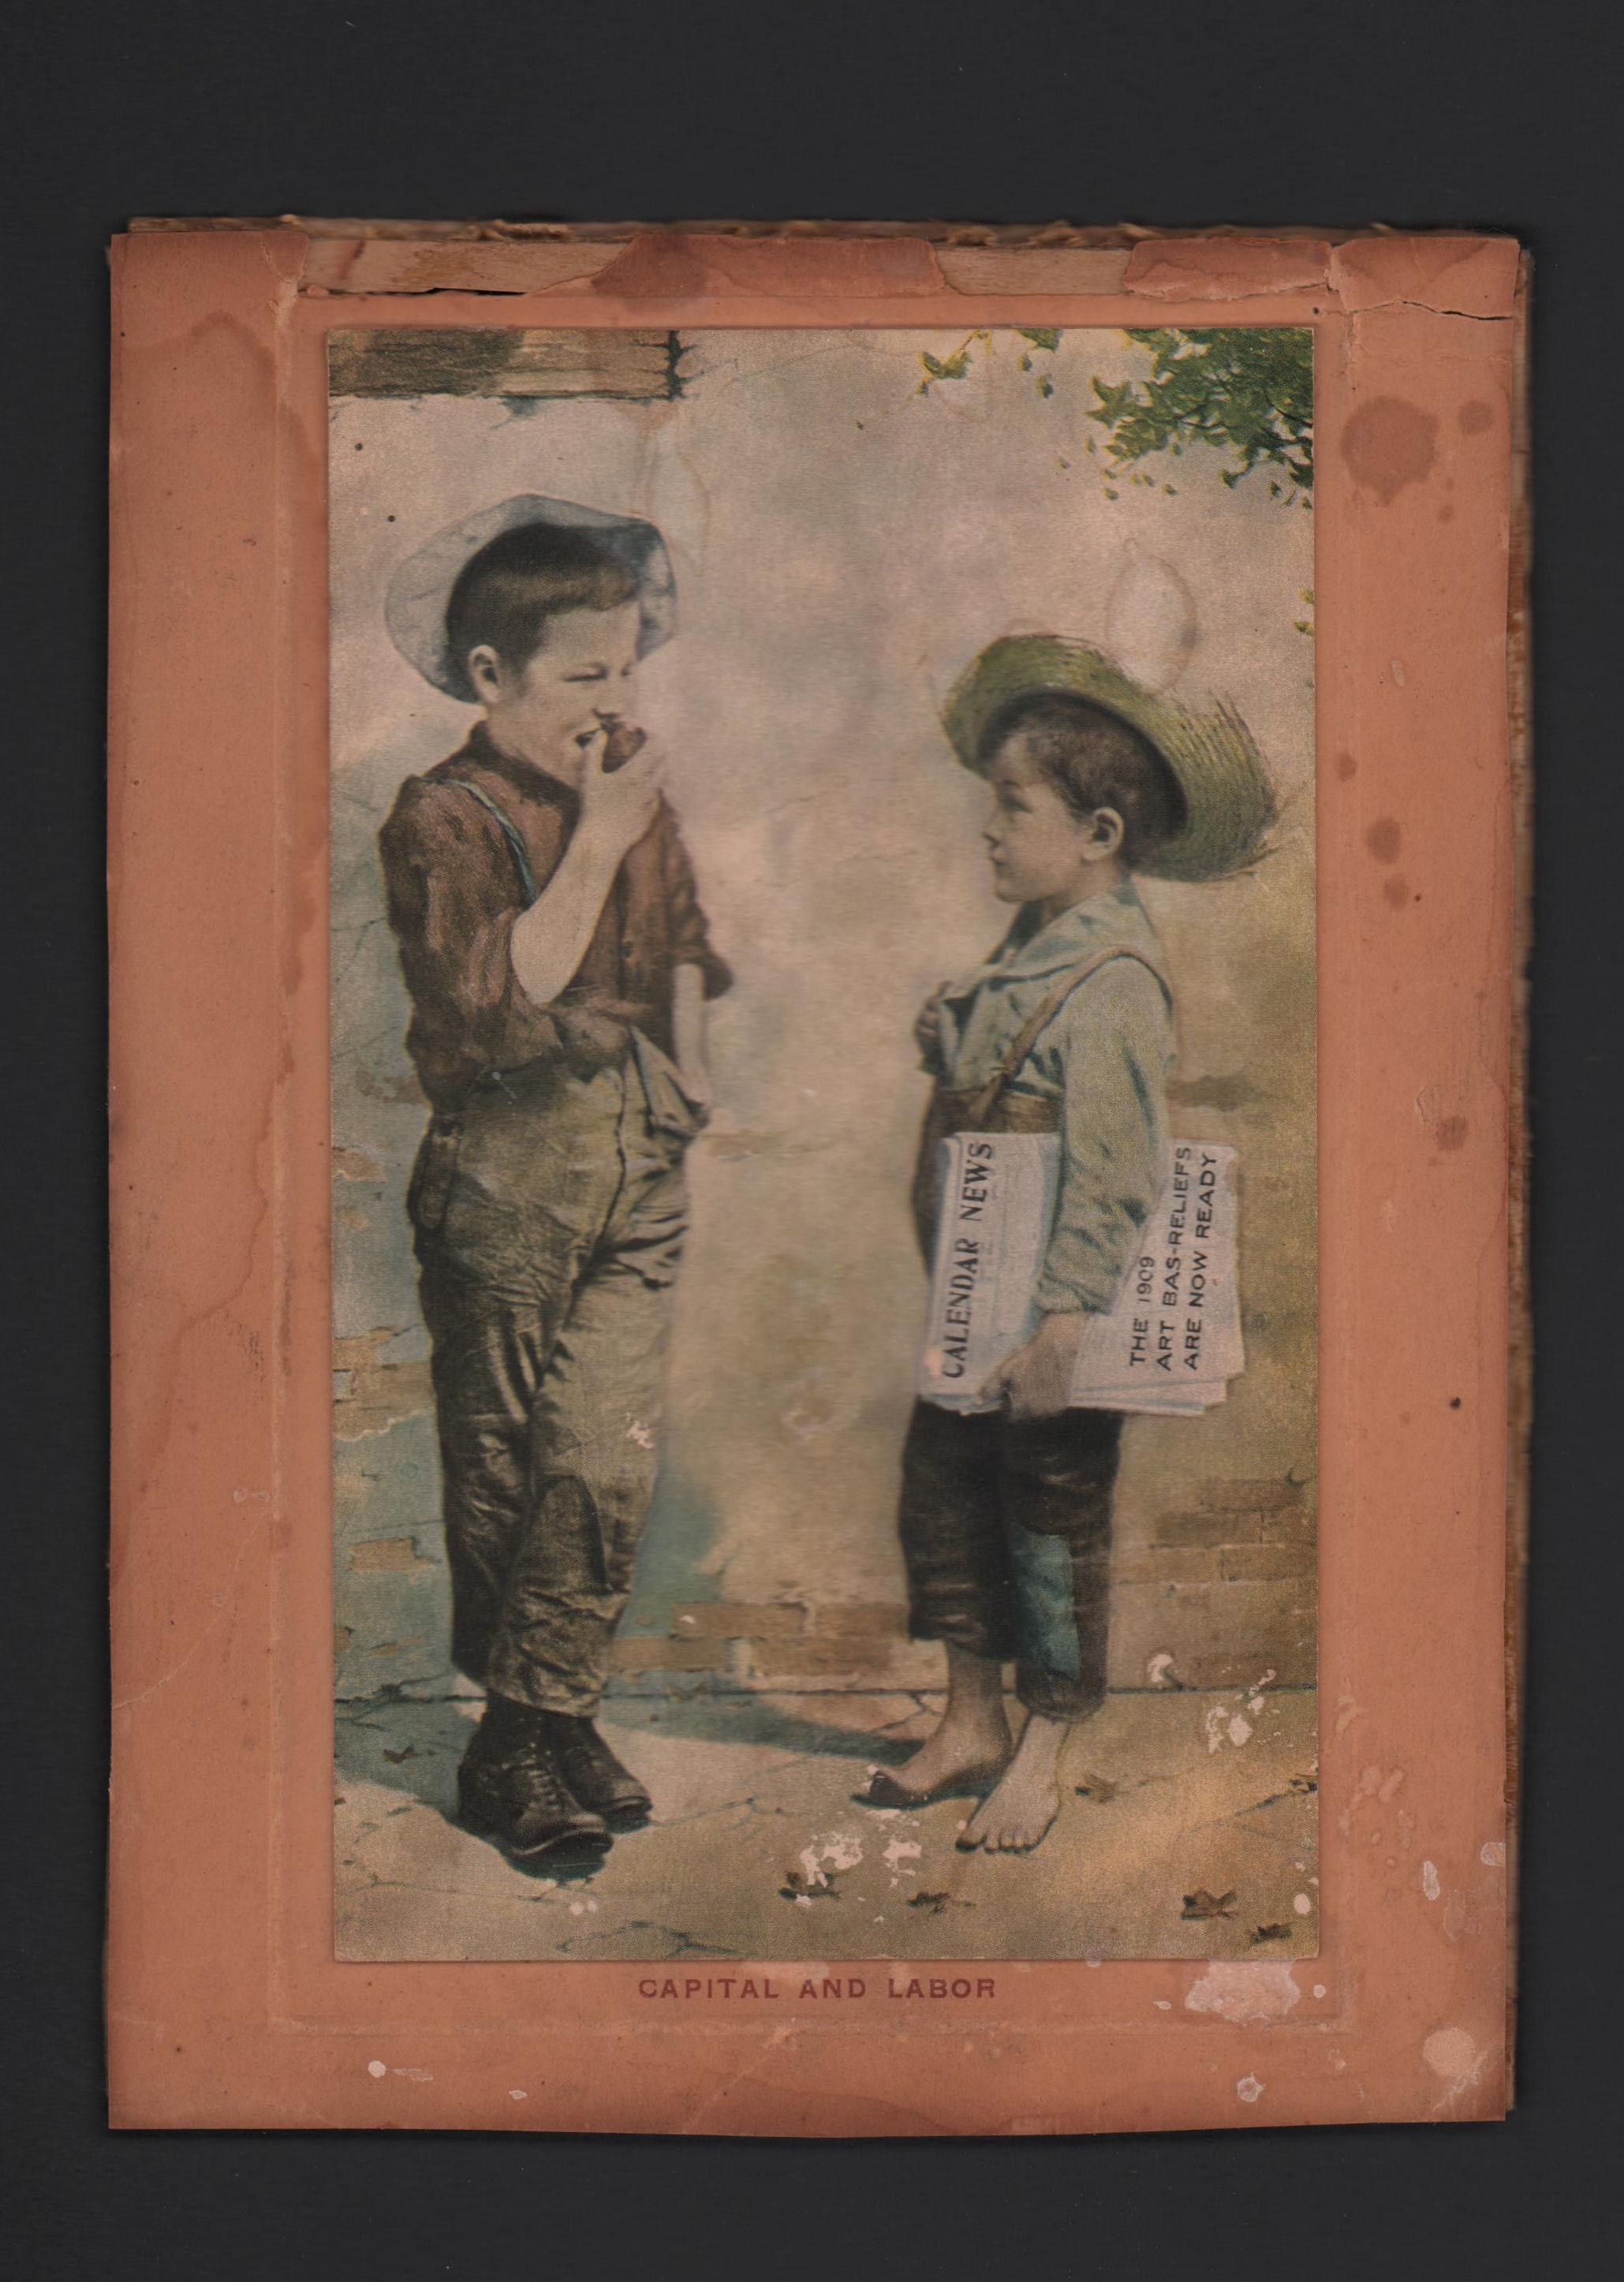 Capital and labor sawyeresque boys